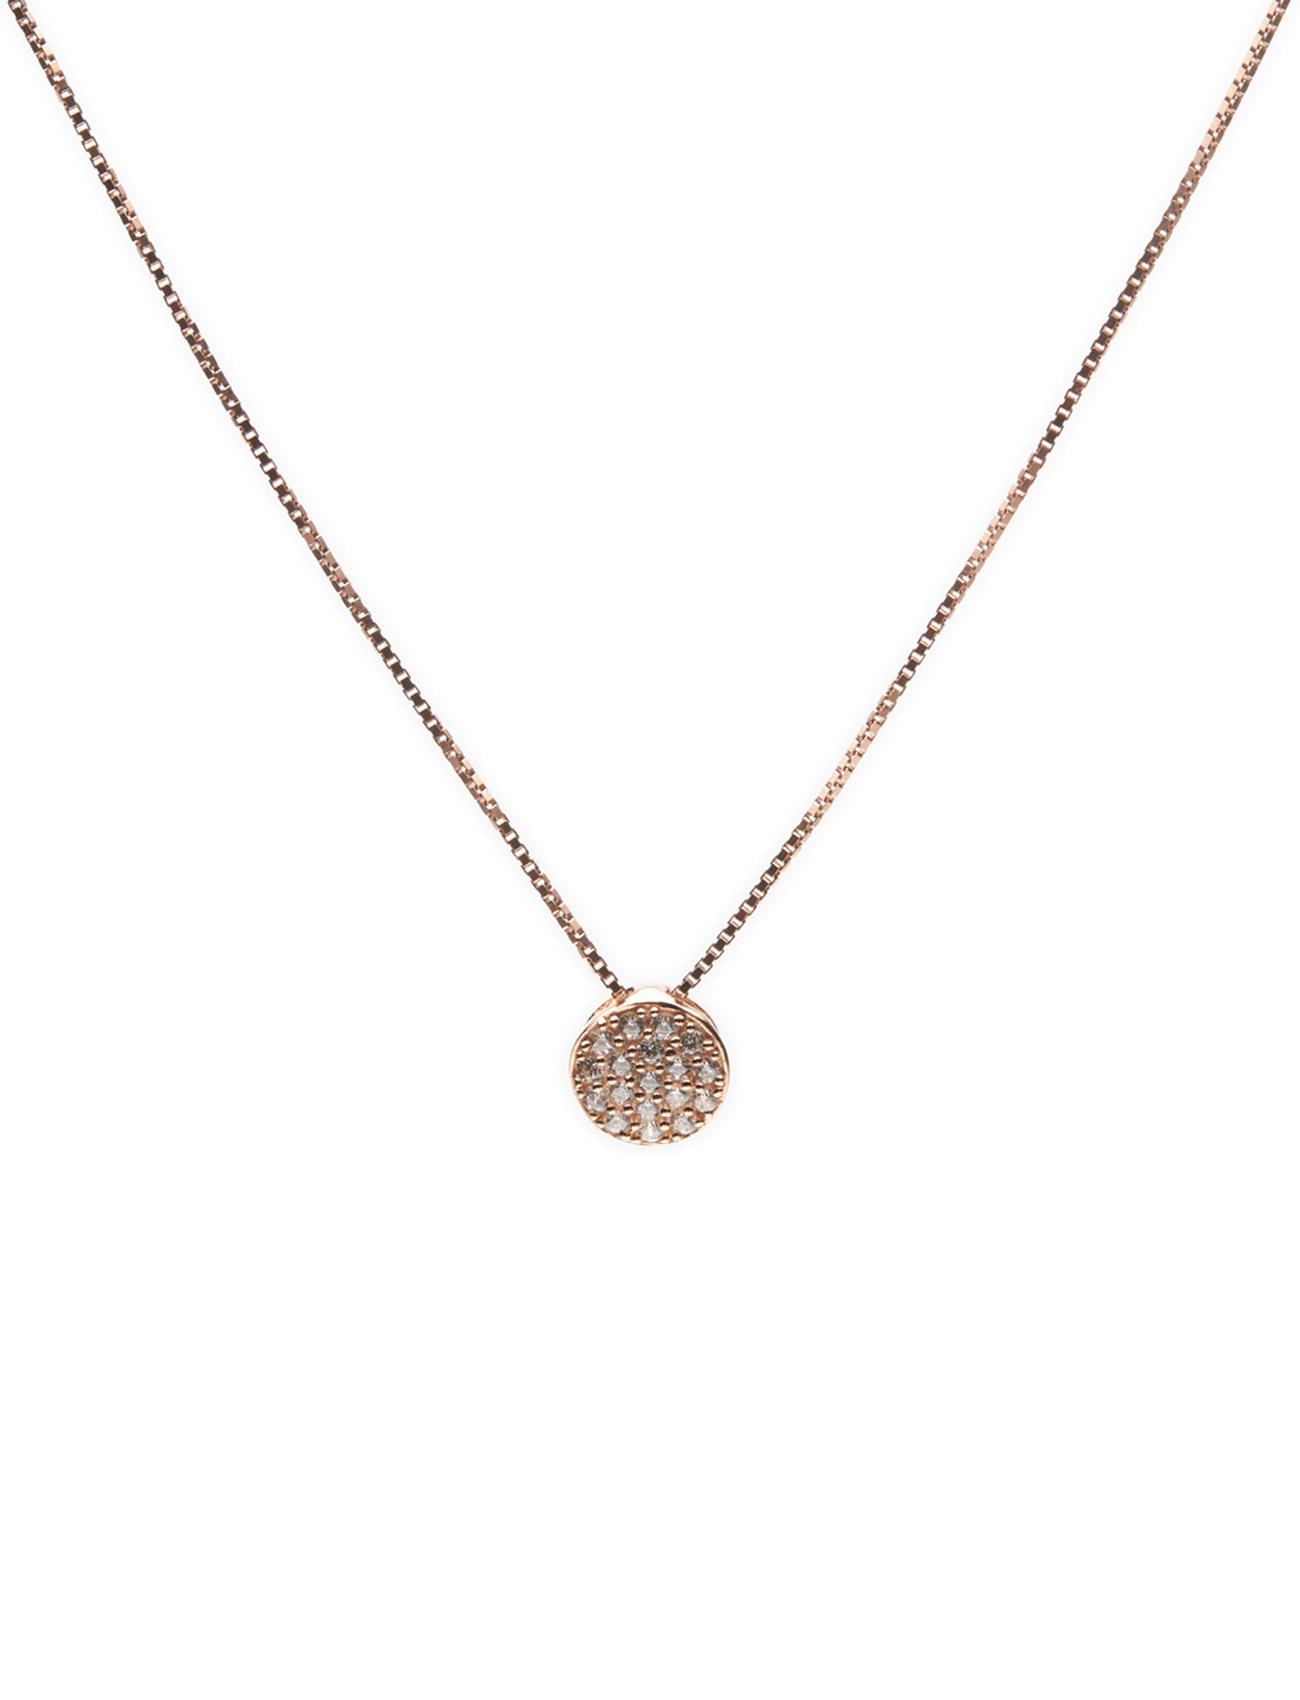 Sacile Pendant Sif Jakobs Jewellery Accessories til Kvinder i